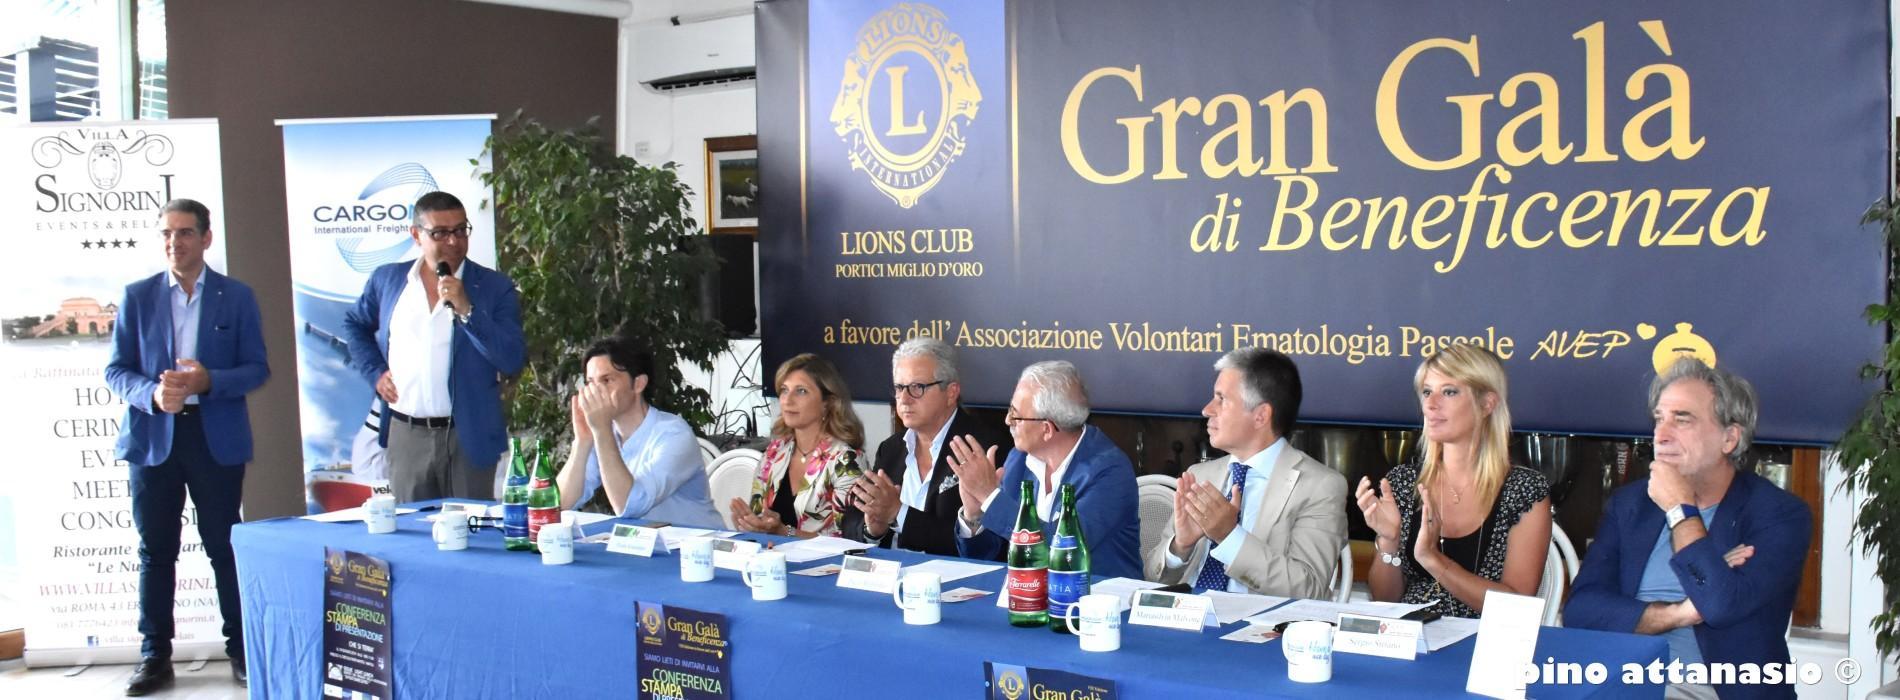 A Napoli il Gran galà di beneficenza per l'Avep con tanti vip